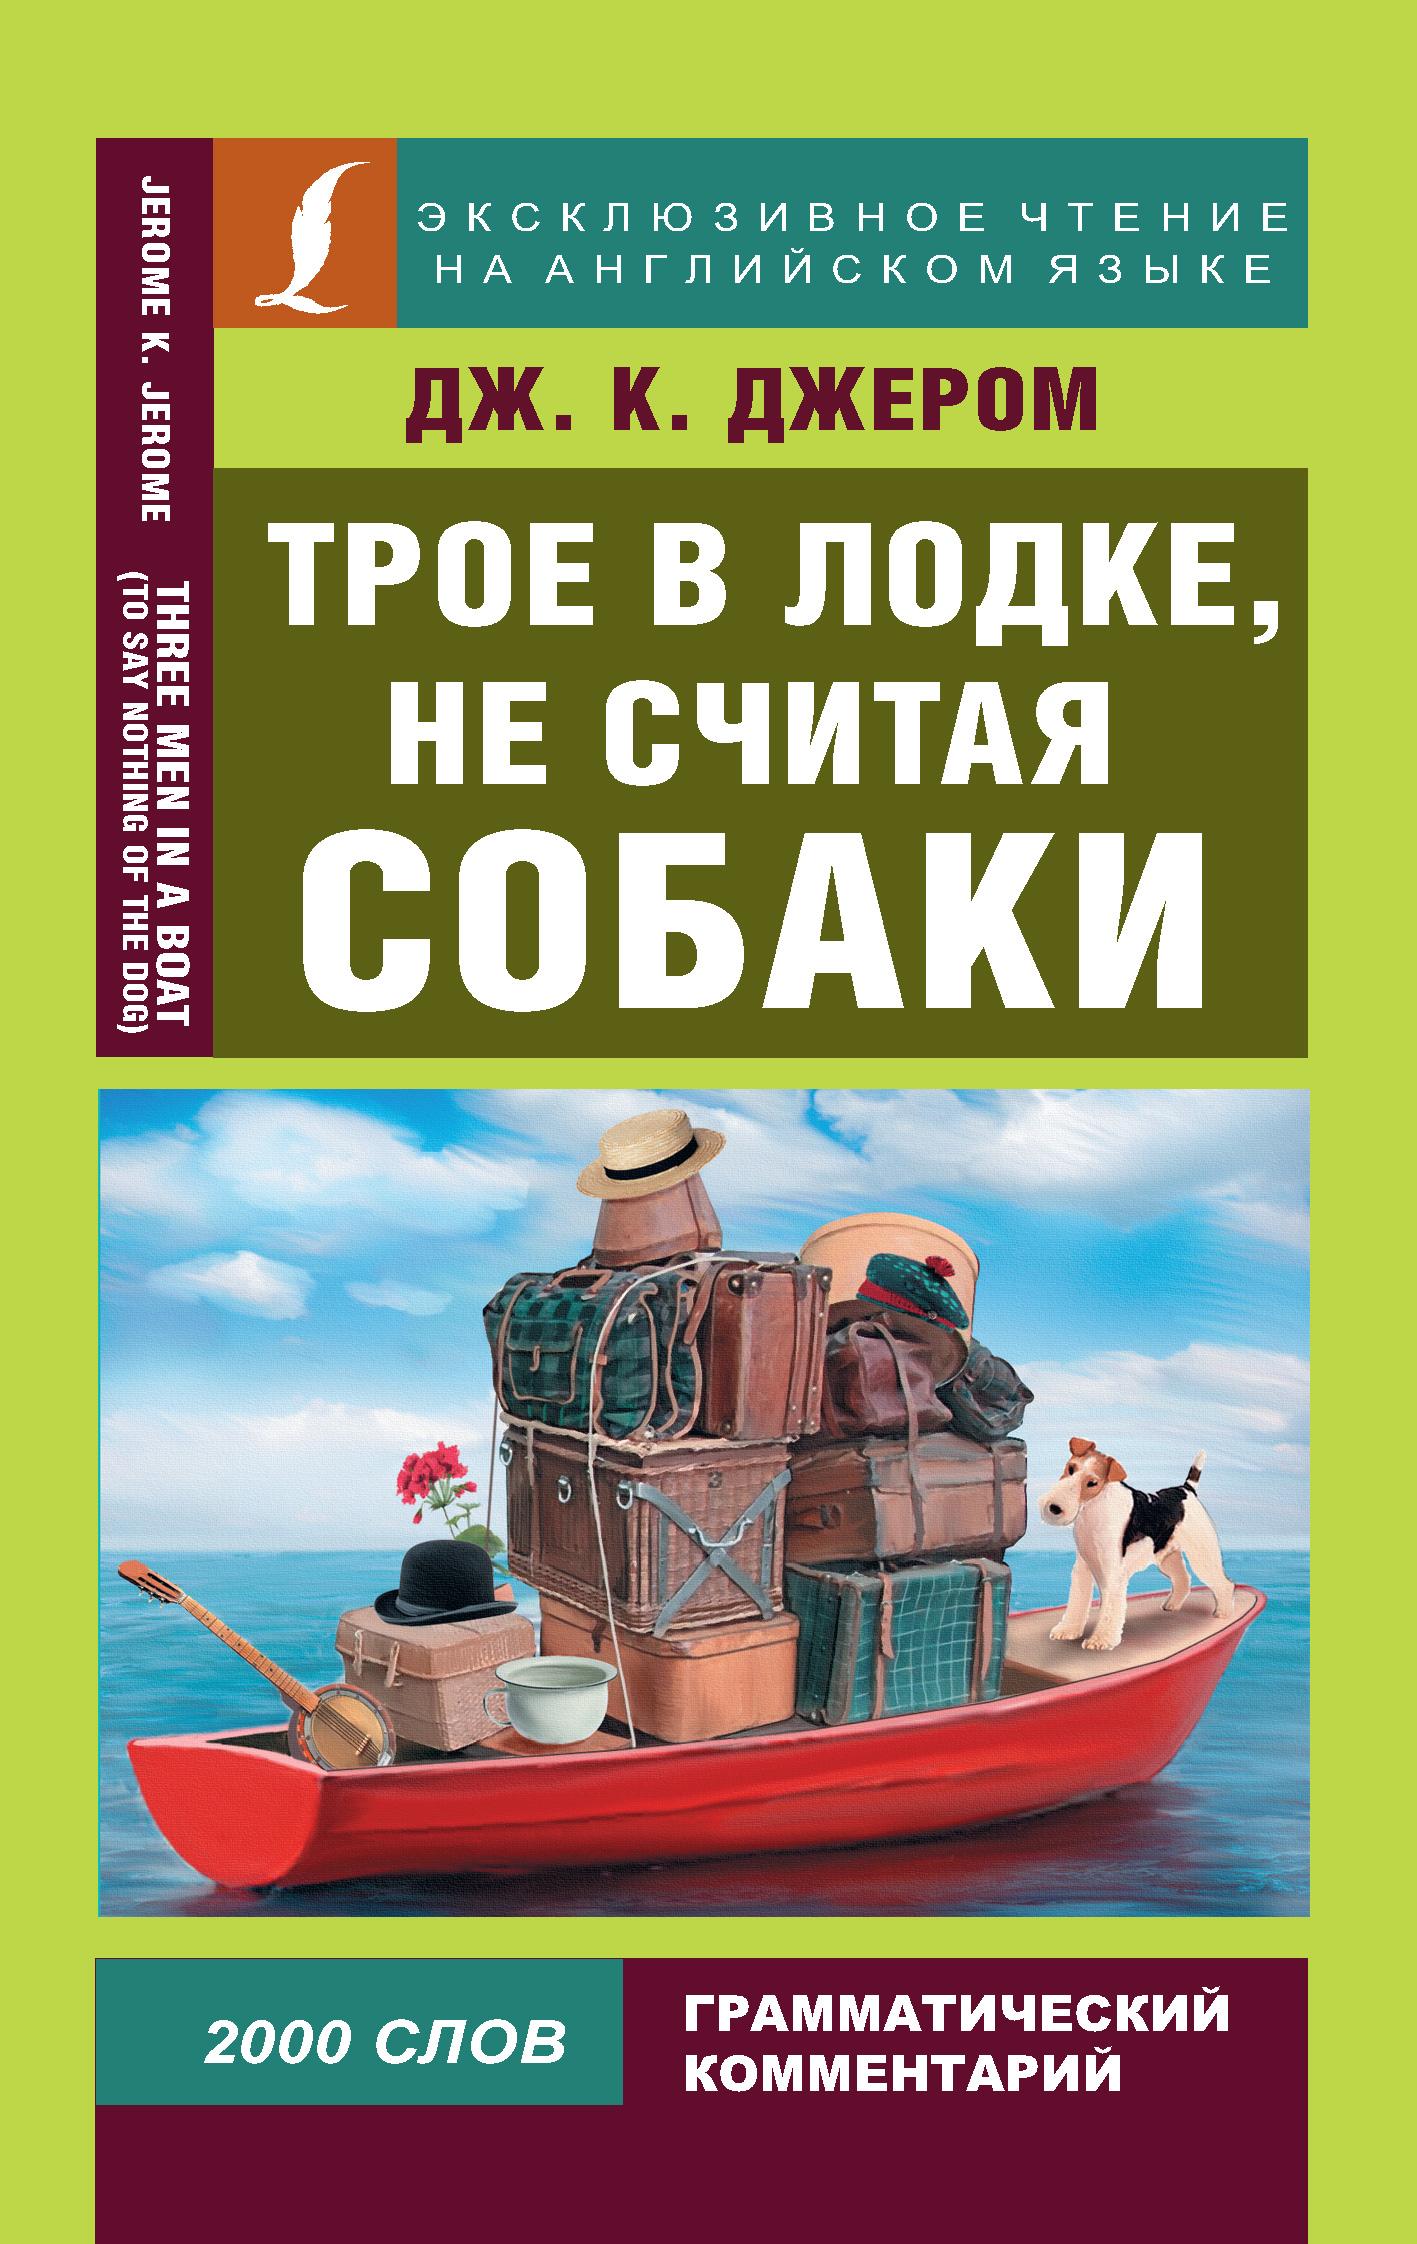 Джером Клапка Джером Трое в лодке, не считая собаки / Three Men in a Boat (To Say Nothing of the Dog) джером к дж трое в лодке не считая собаки лучшие главы three men in f boat to say nothing of the dog best chapters cd